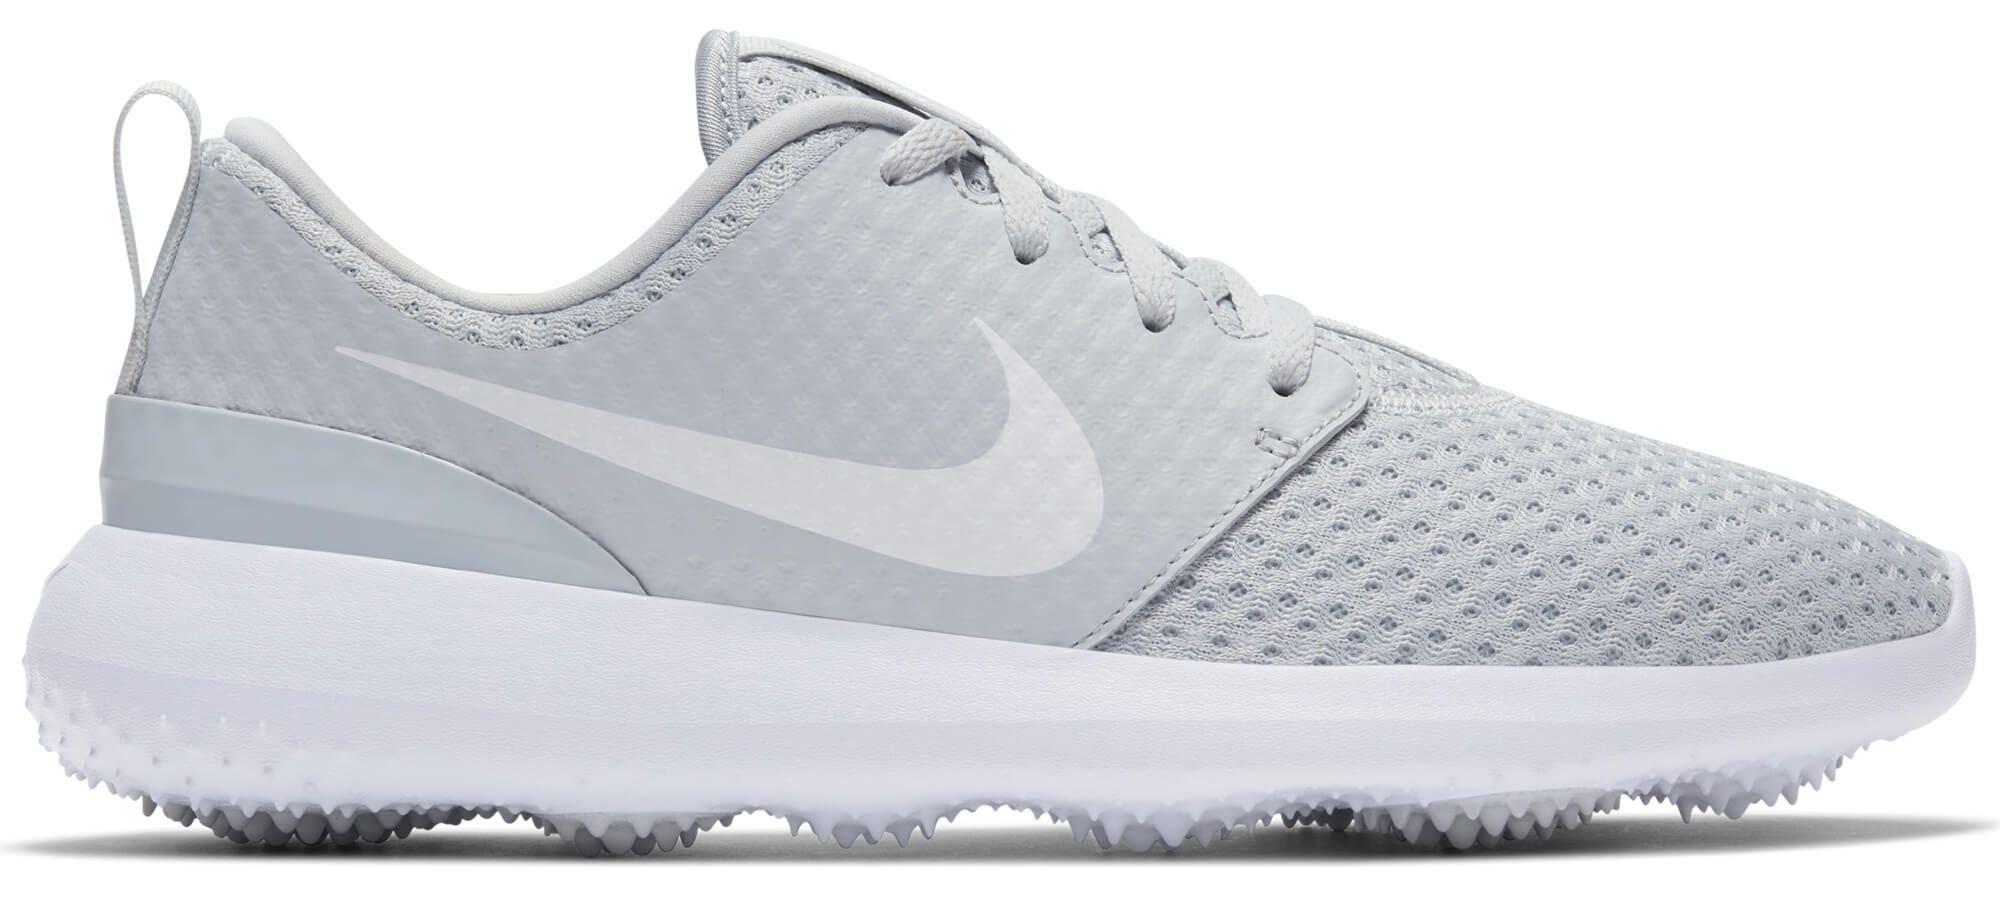 Nike Women's Roshe G Golf Shoes 2020